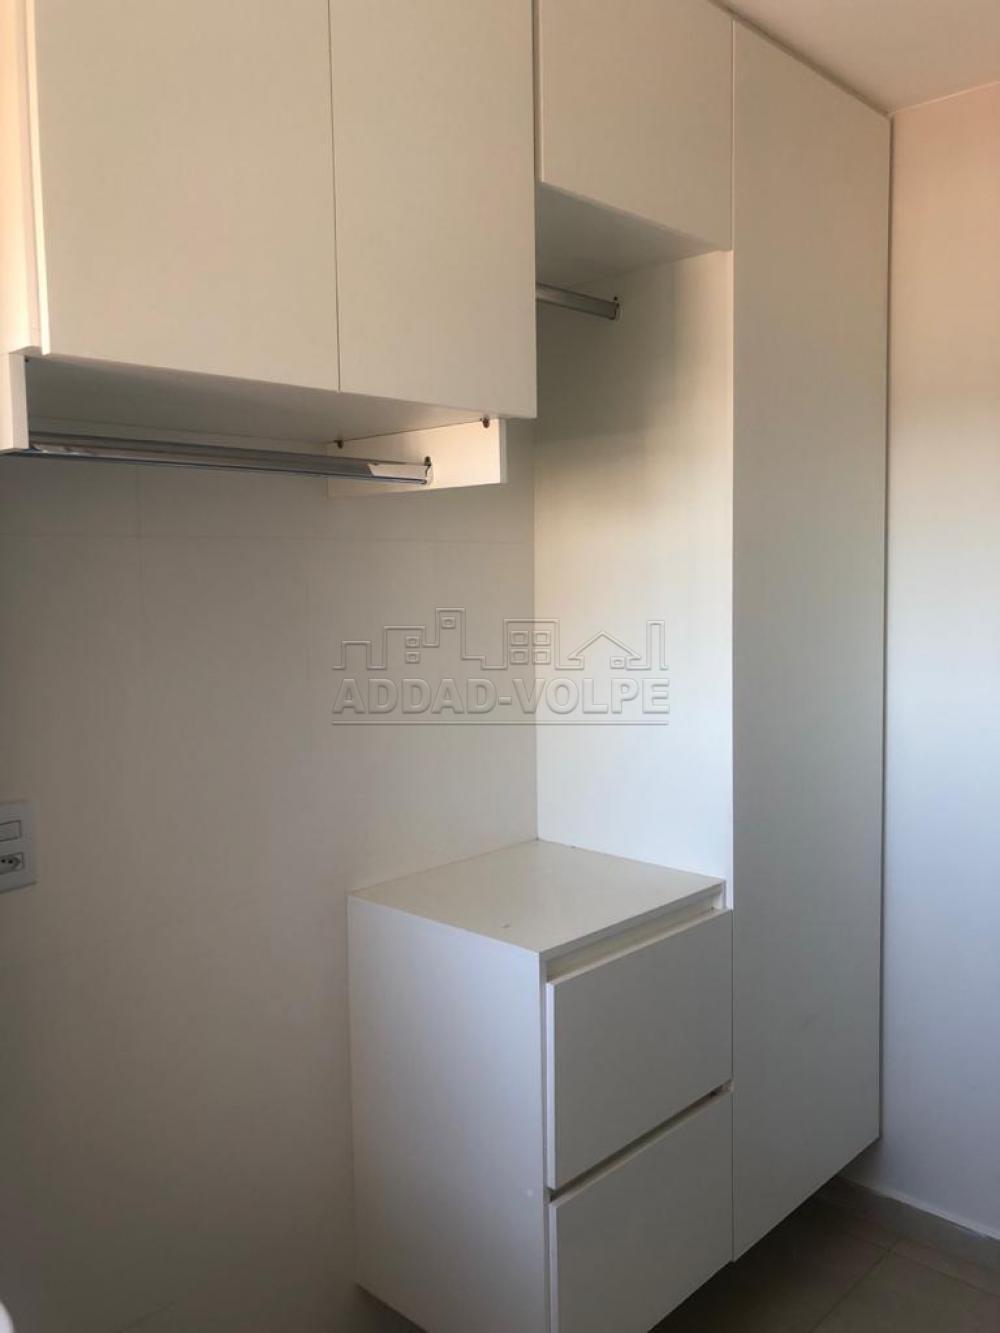 Comprar Apartamento / Padrão em Bauru R$ 990.000,00 - Foto 7